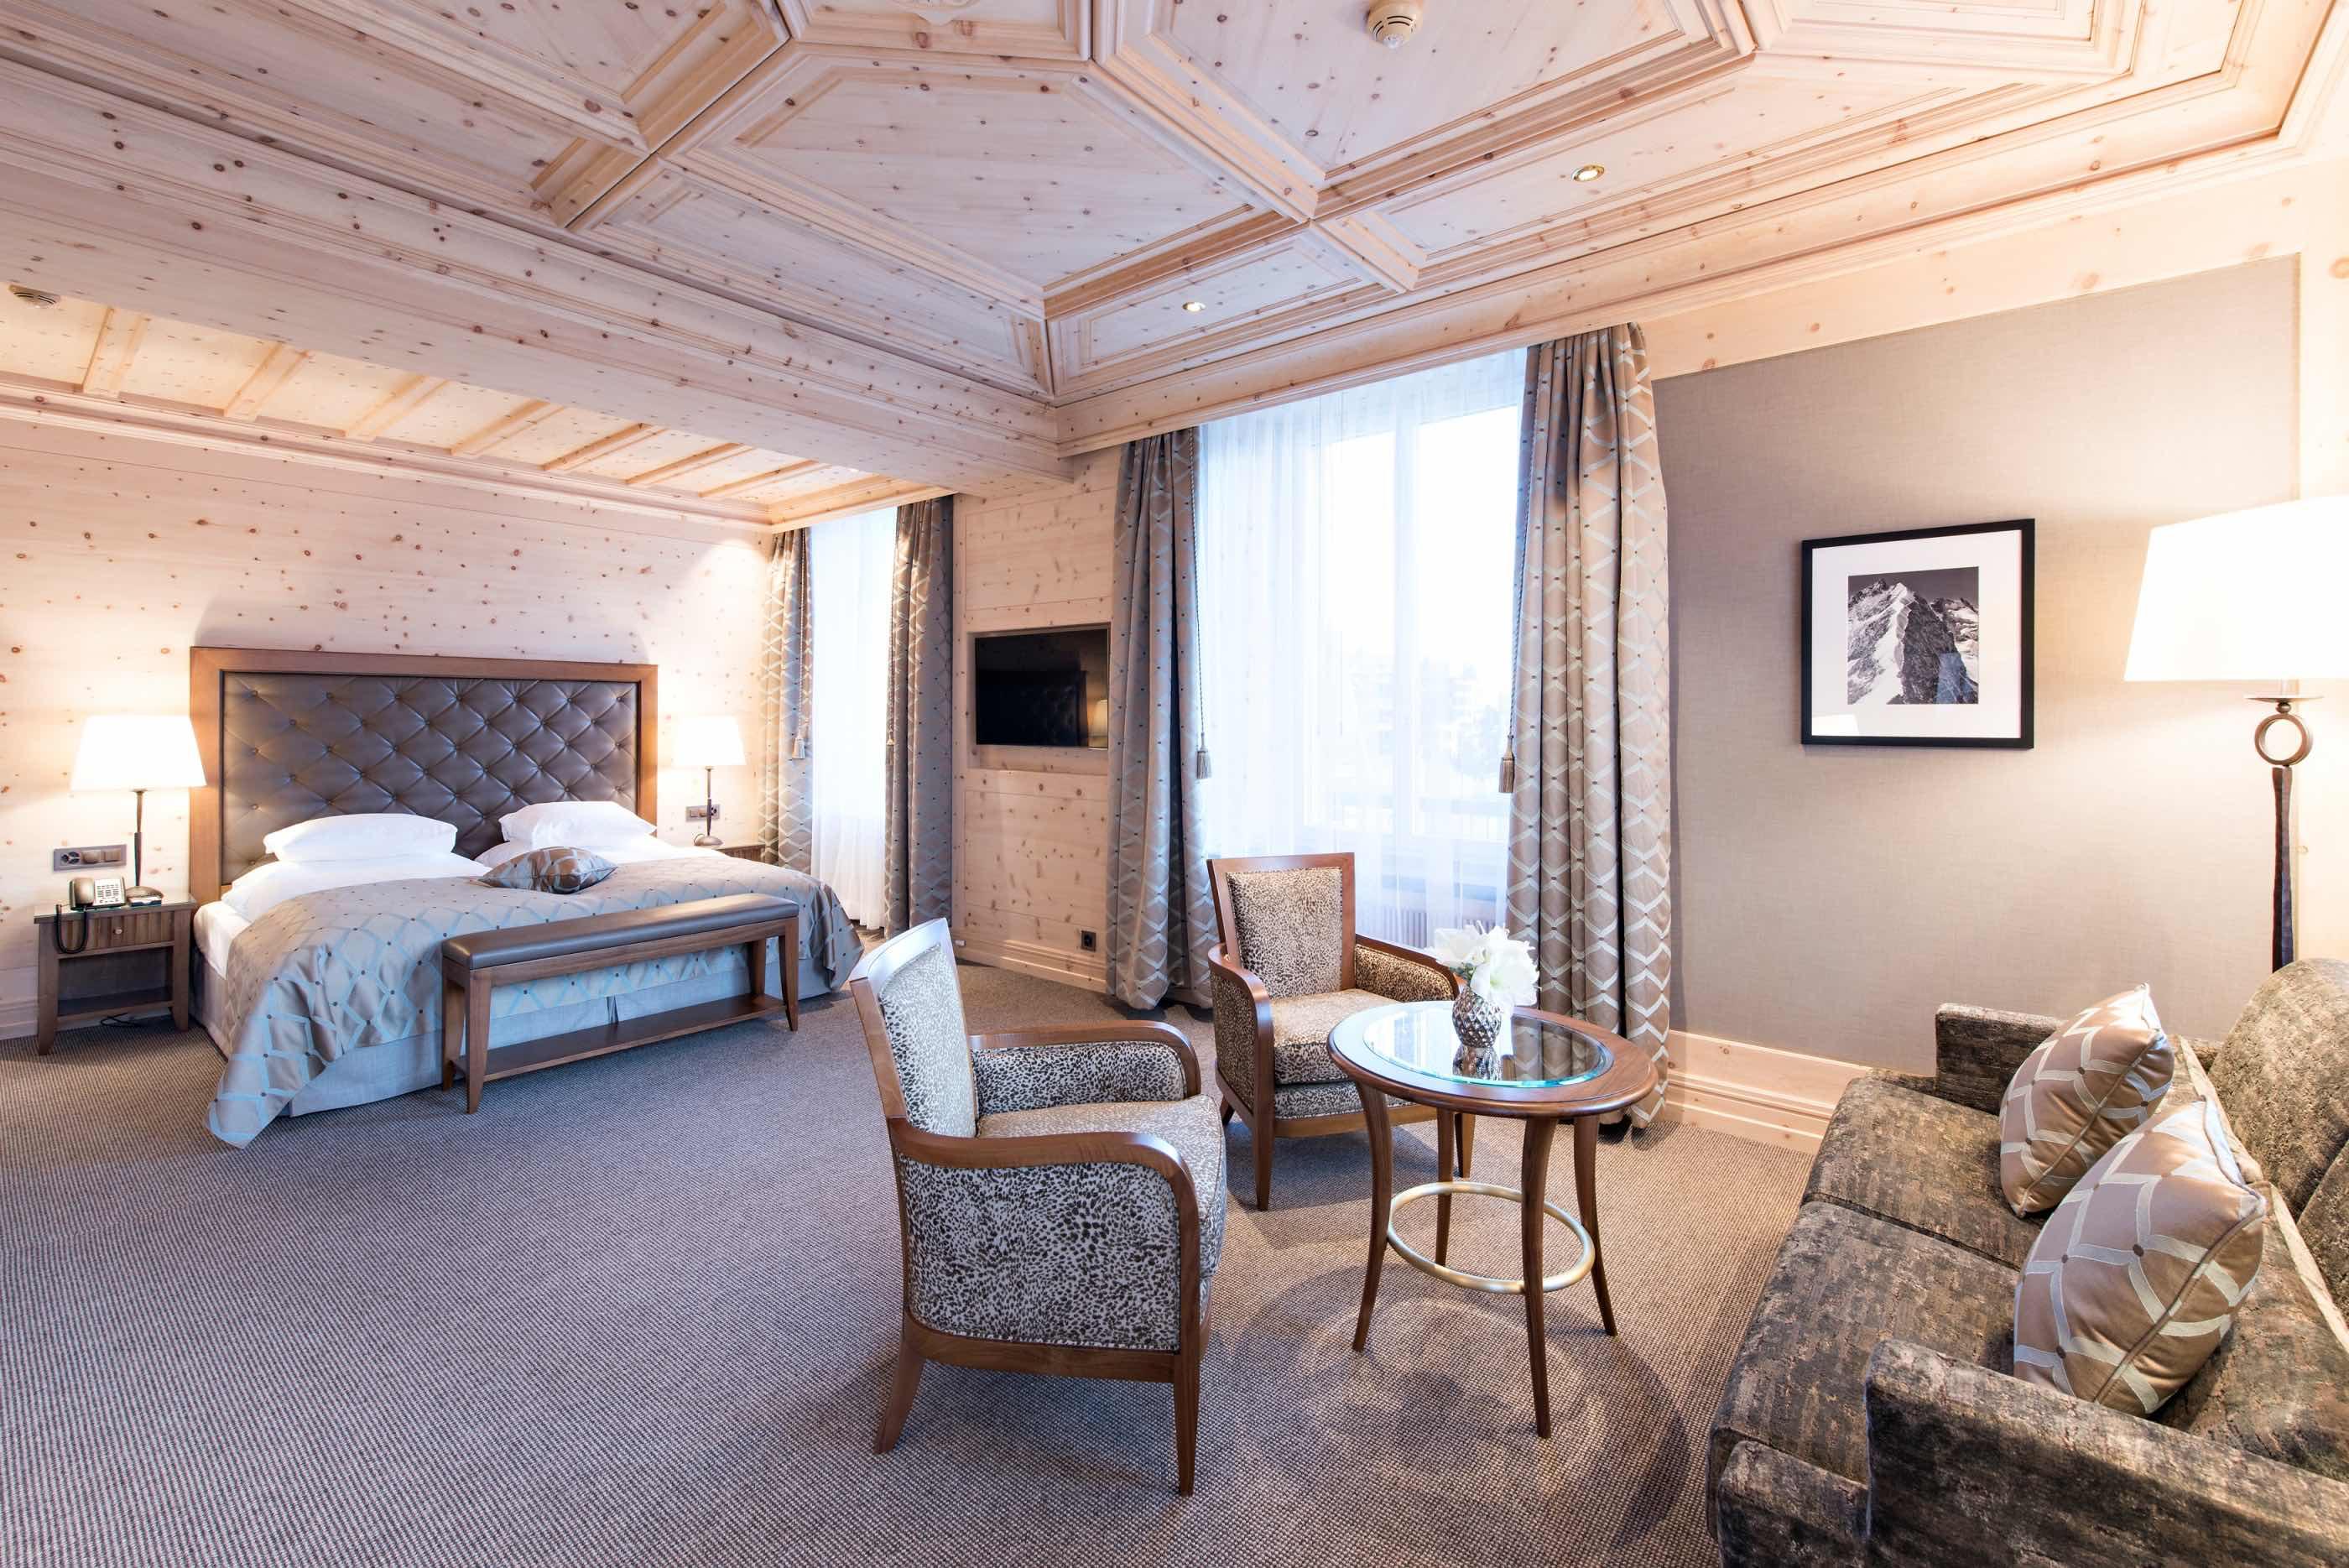 Tim raue meets kulm hotel st moritz for Design hotel franken